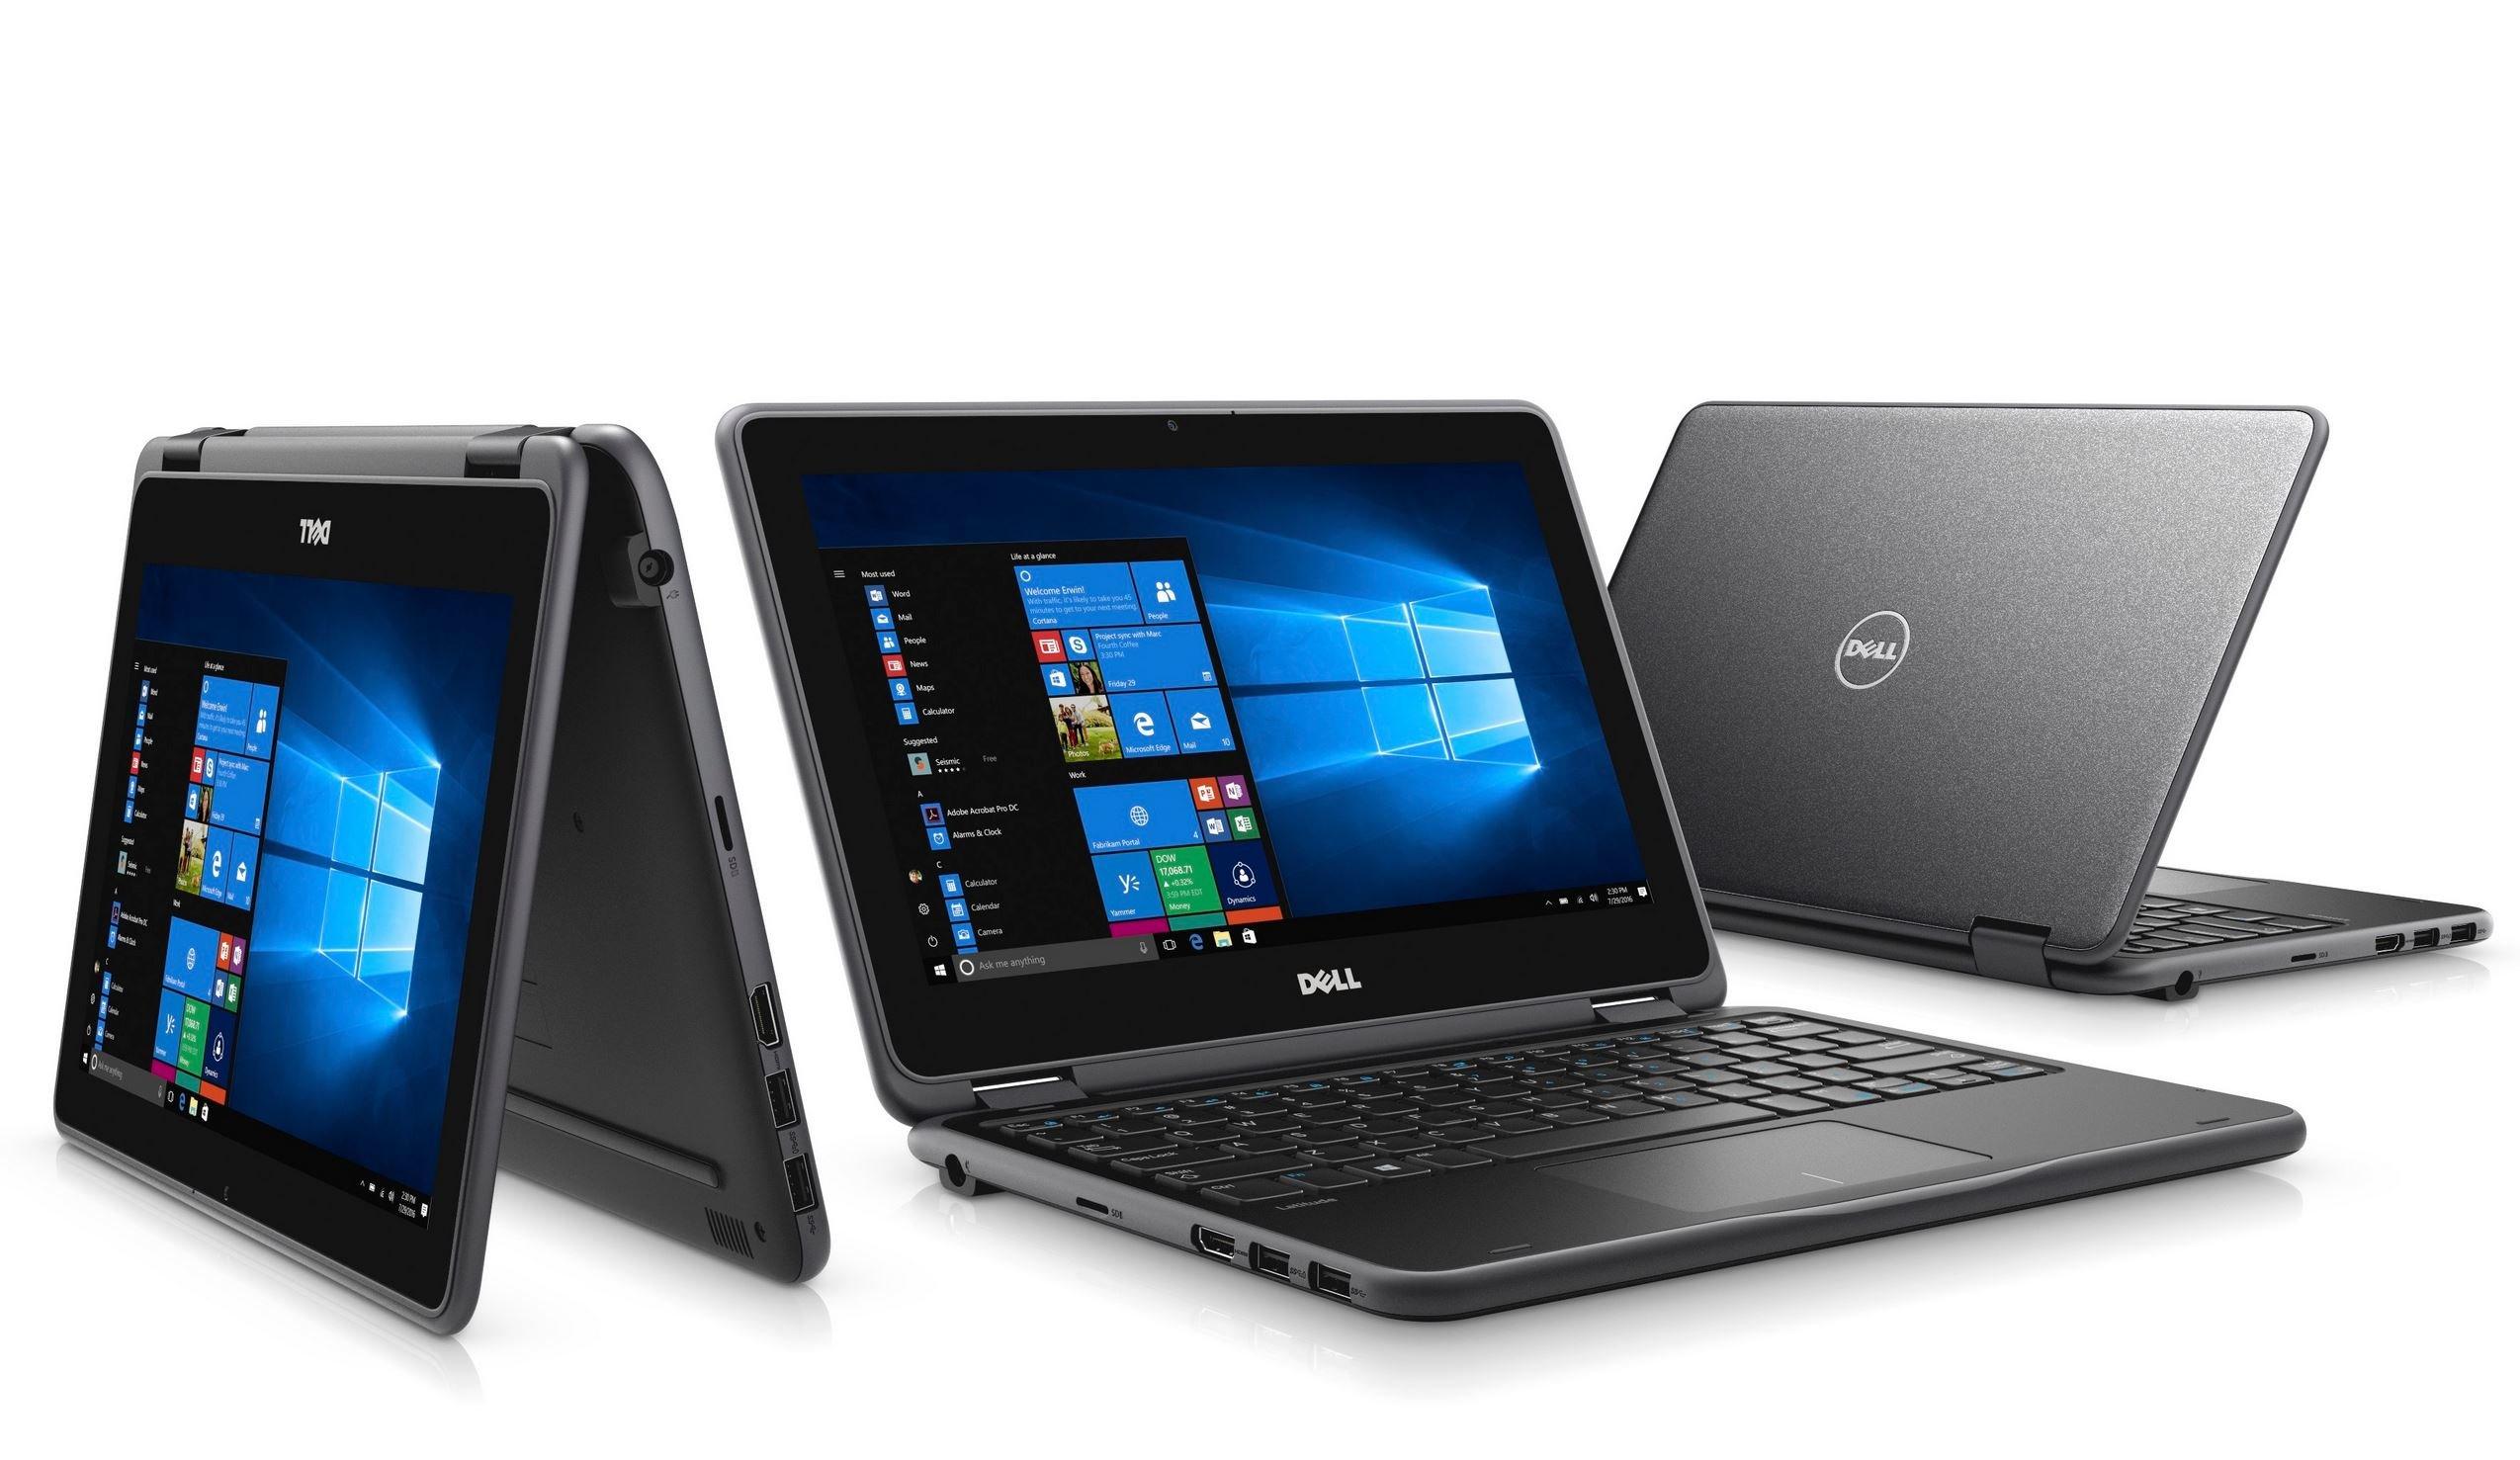 Dell announces new Latitude 11 convertible and Latitude 13